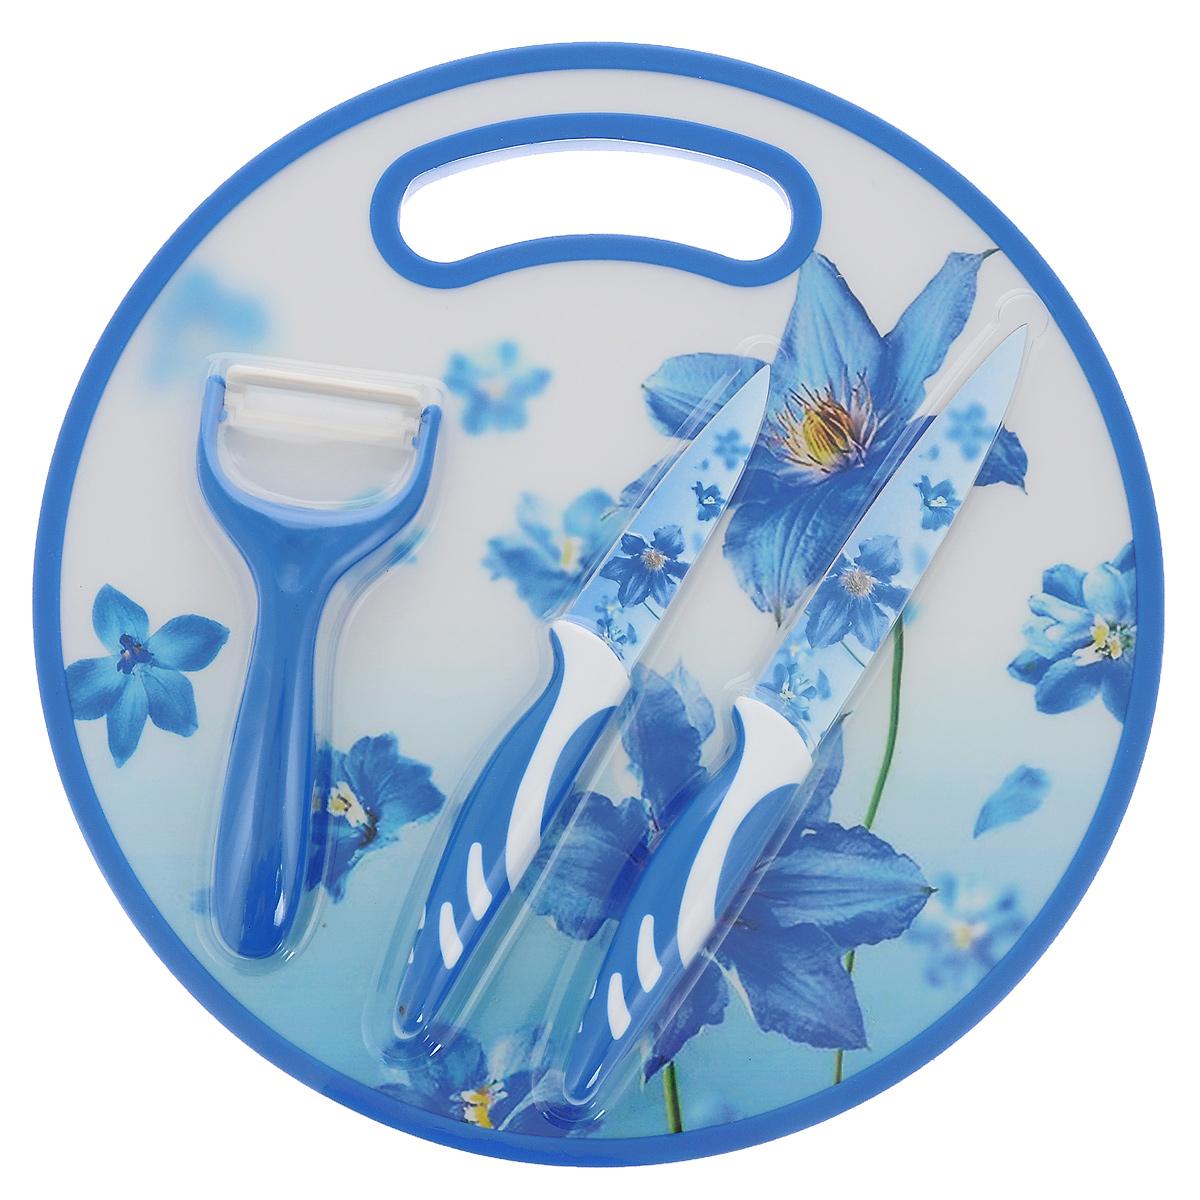 Набор ножей Голубые цветы, 4 предметаMS04-052Набор ножей Голубые цветы состоит из универсального ножа, ножа для овощей, овощечистки и круглой разделочной доски. Лезвия ножей, украшенные красивым рисунком голубых цветов, выполнены из нержавеющей стали со специальным покрытием. Рукоятки эргономичной формы изготовлены из пластика с прорезиненными вставками. Разделочная доска, выполненная из пластика, оформлена тем же цветочным мотивом. Для удобства использования доска снабжена ручкой. Овощечистка с пластиковой рукояткой снабжена острым керамическим лезвием. Прекрасный набор для ежедневной резки фруктов, овощей, мяса, хлеба, сыра и других продуктов. Яркий и актуальный набор ножей стильно дополнит интерьер вашей кухни и поможет в приготовлении блюд. Длина лезвия универсального ножа: 12,5 см. Общая длина универсального ножа: 24 см. Длина лезвия ножа для овощей: 9 см. Общая длина ножа для овощей: 20 см. Диаметр разделочной доски: 30 см. Длина овощечистки: 15,5 см. Ширина лезвия...